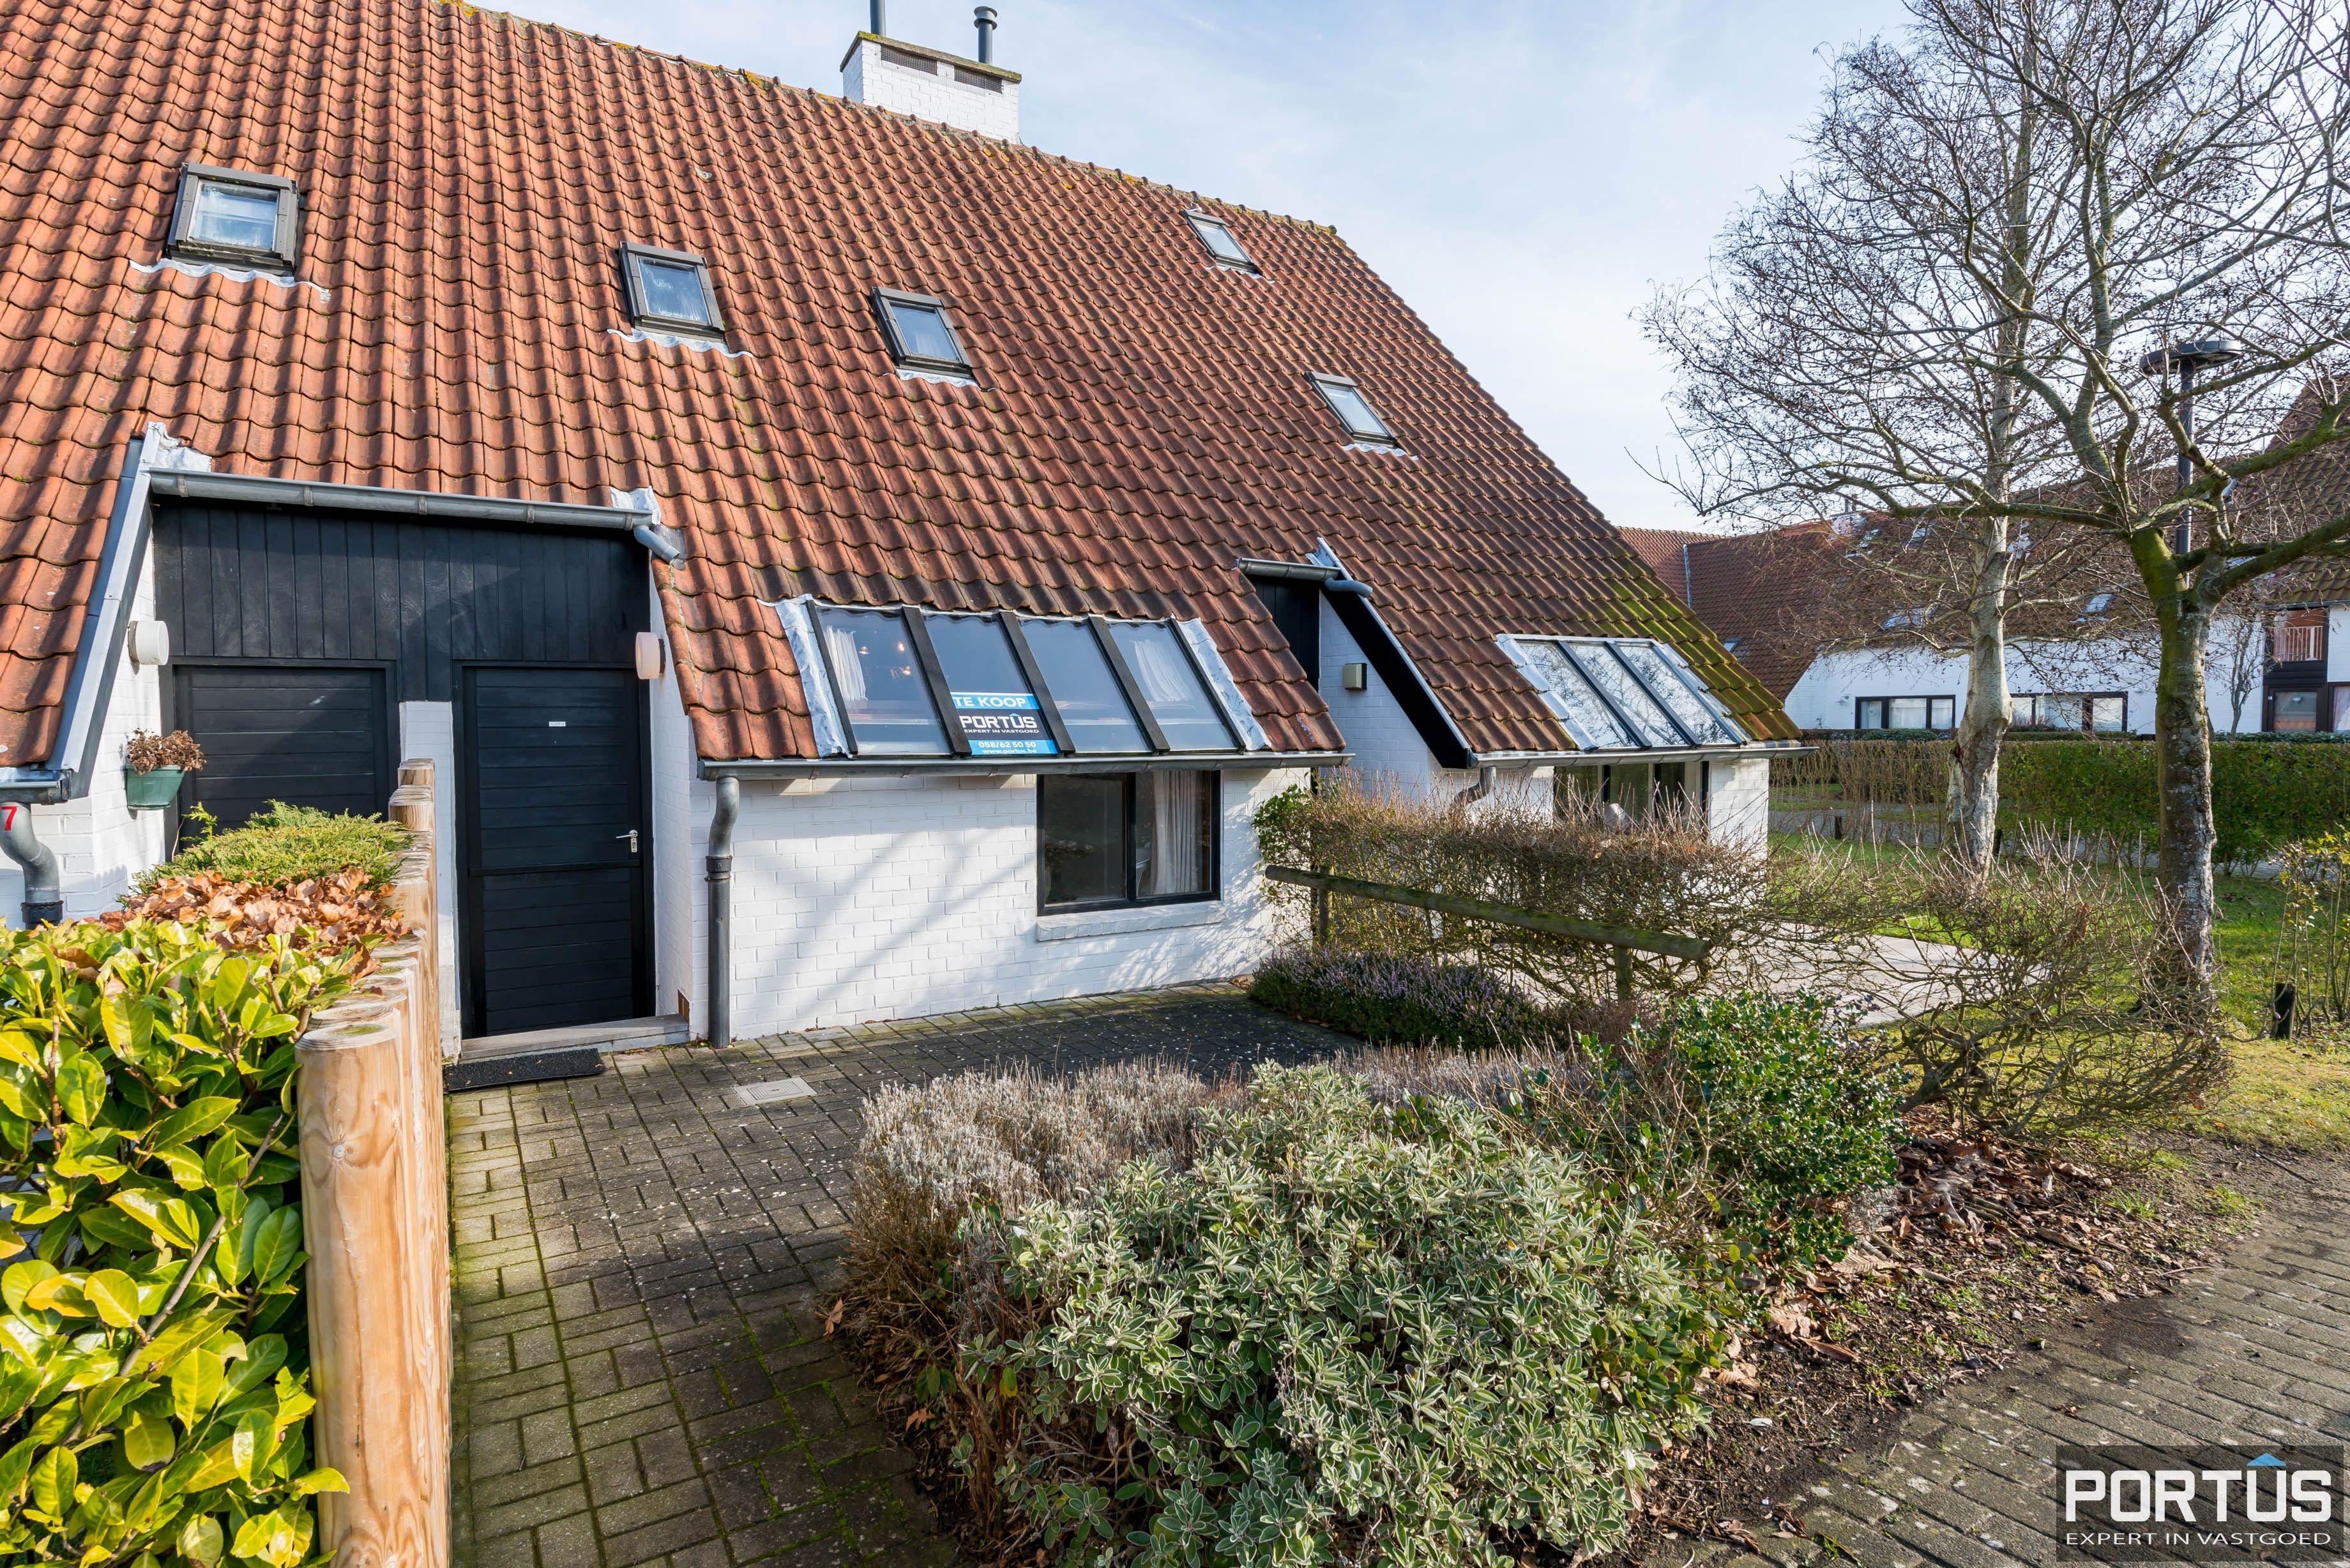 Woning te koop Nieuwpoort 4 slaapkamers en parking - 5593